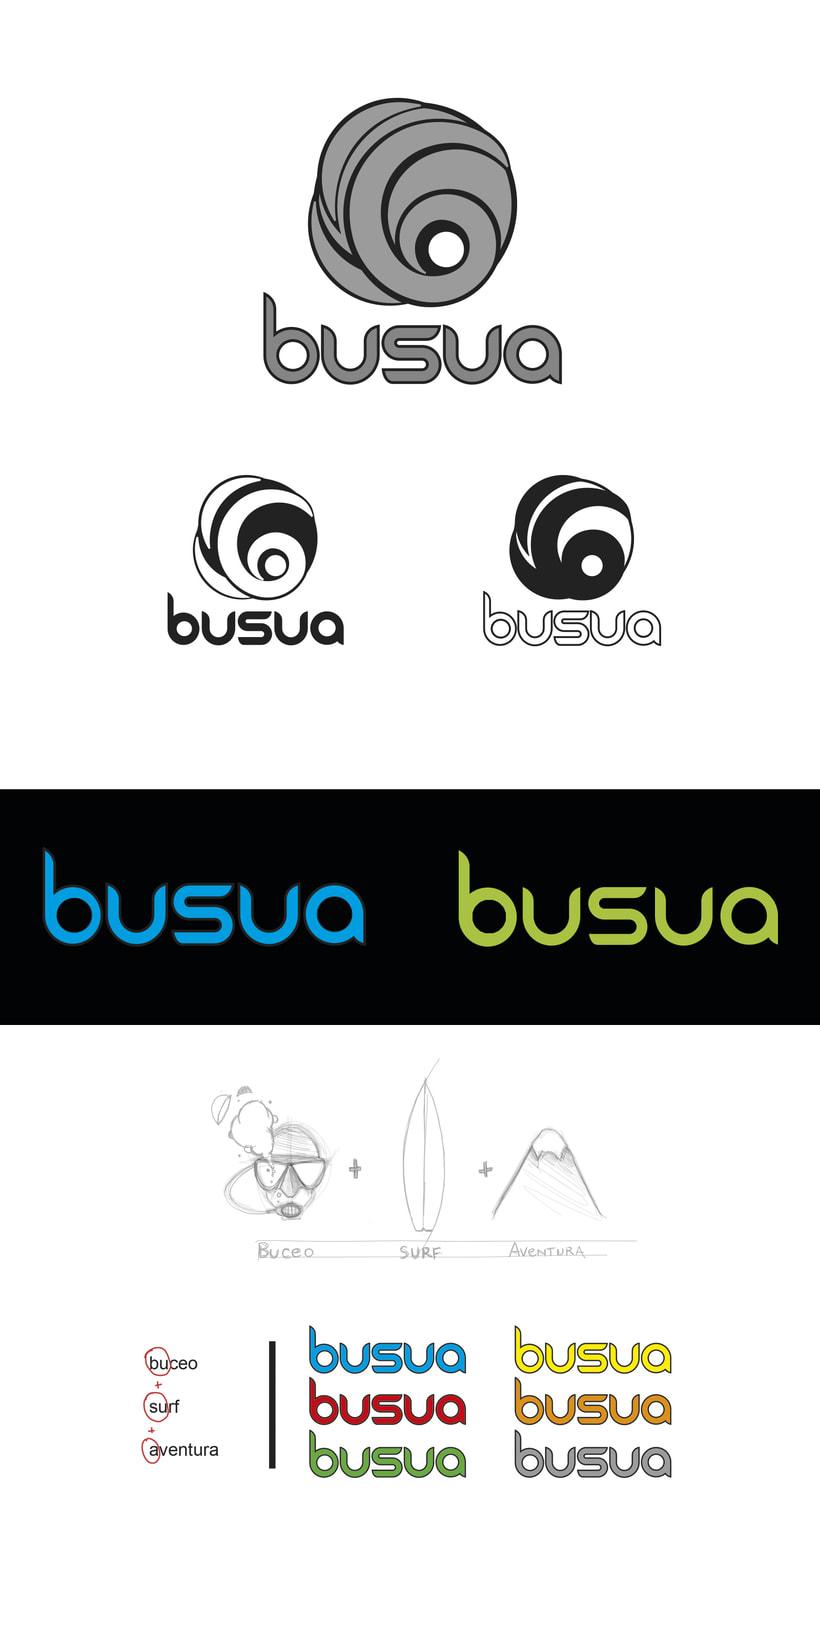 Busua (buceo, Surf y aventura) 2